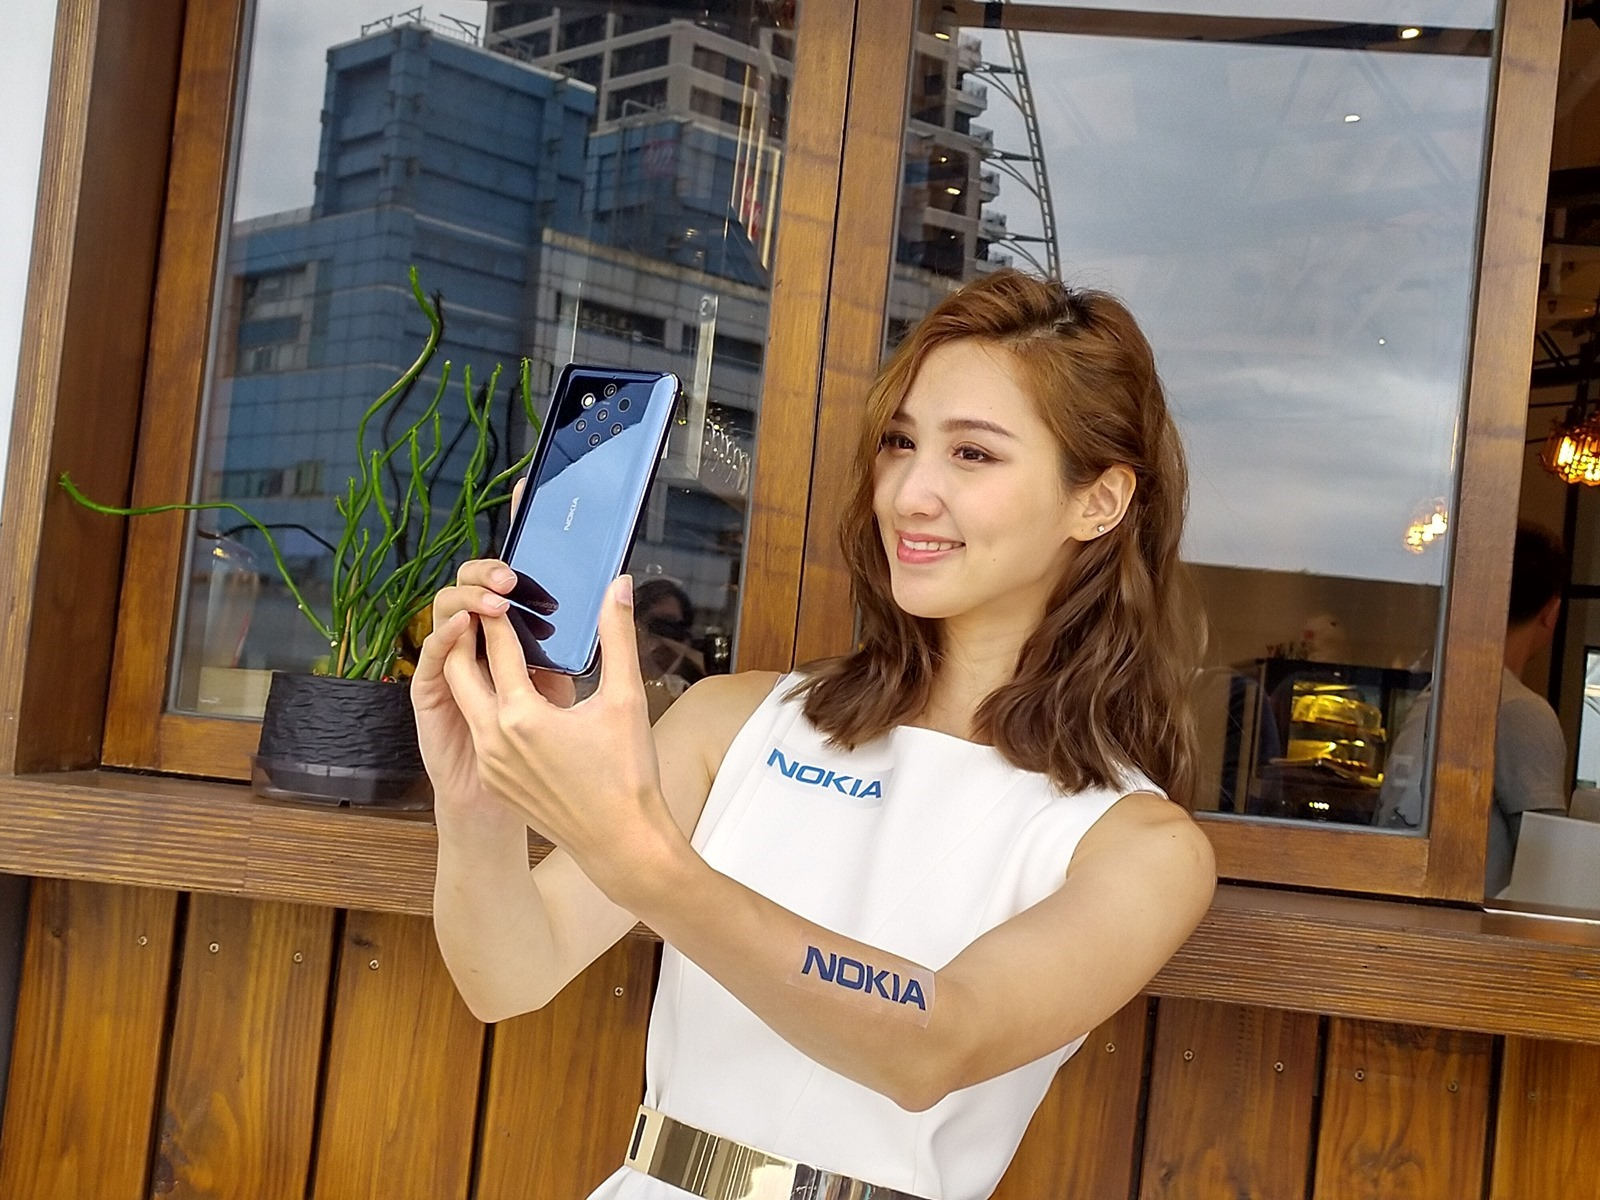 強力中階機襲來 Nokia X71 評測!超廣角三鏡頭更好拍!開孔全螢幕更美麗! @3C 達人廖阿輝